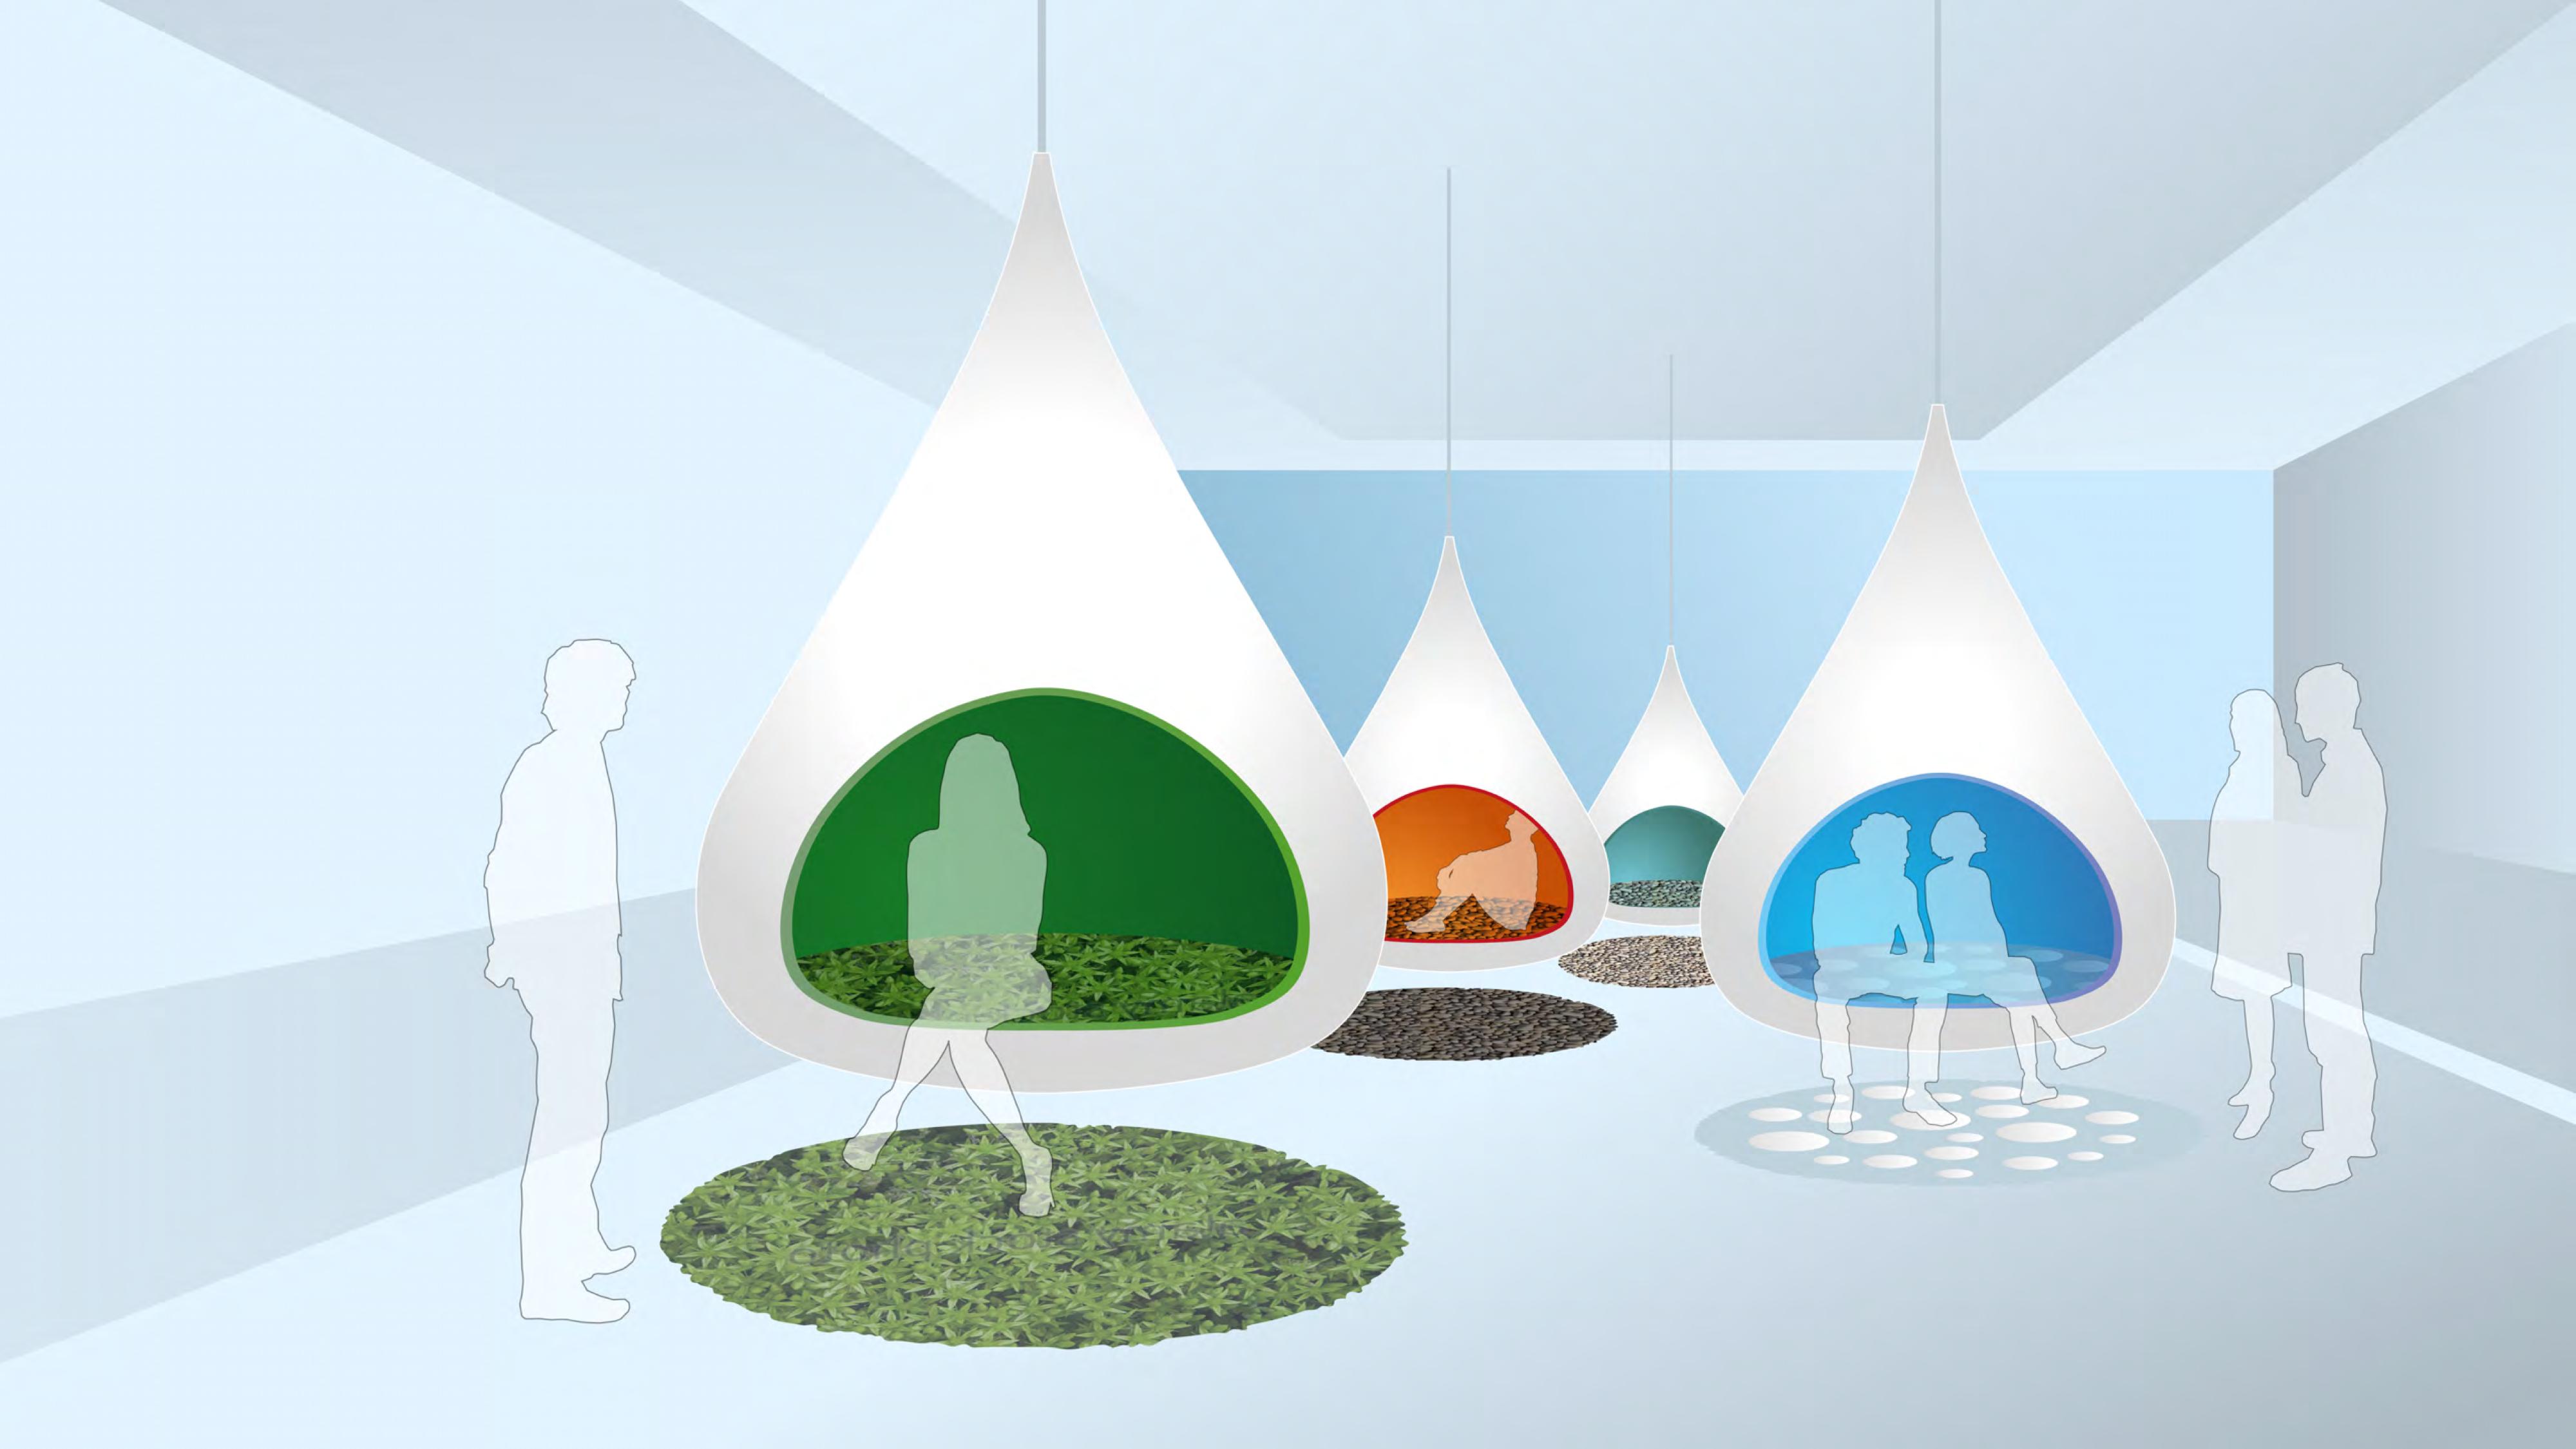 TUI sensory pods design